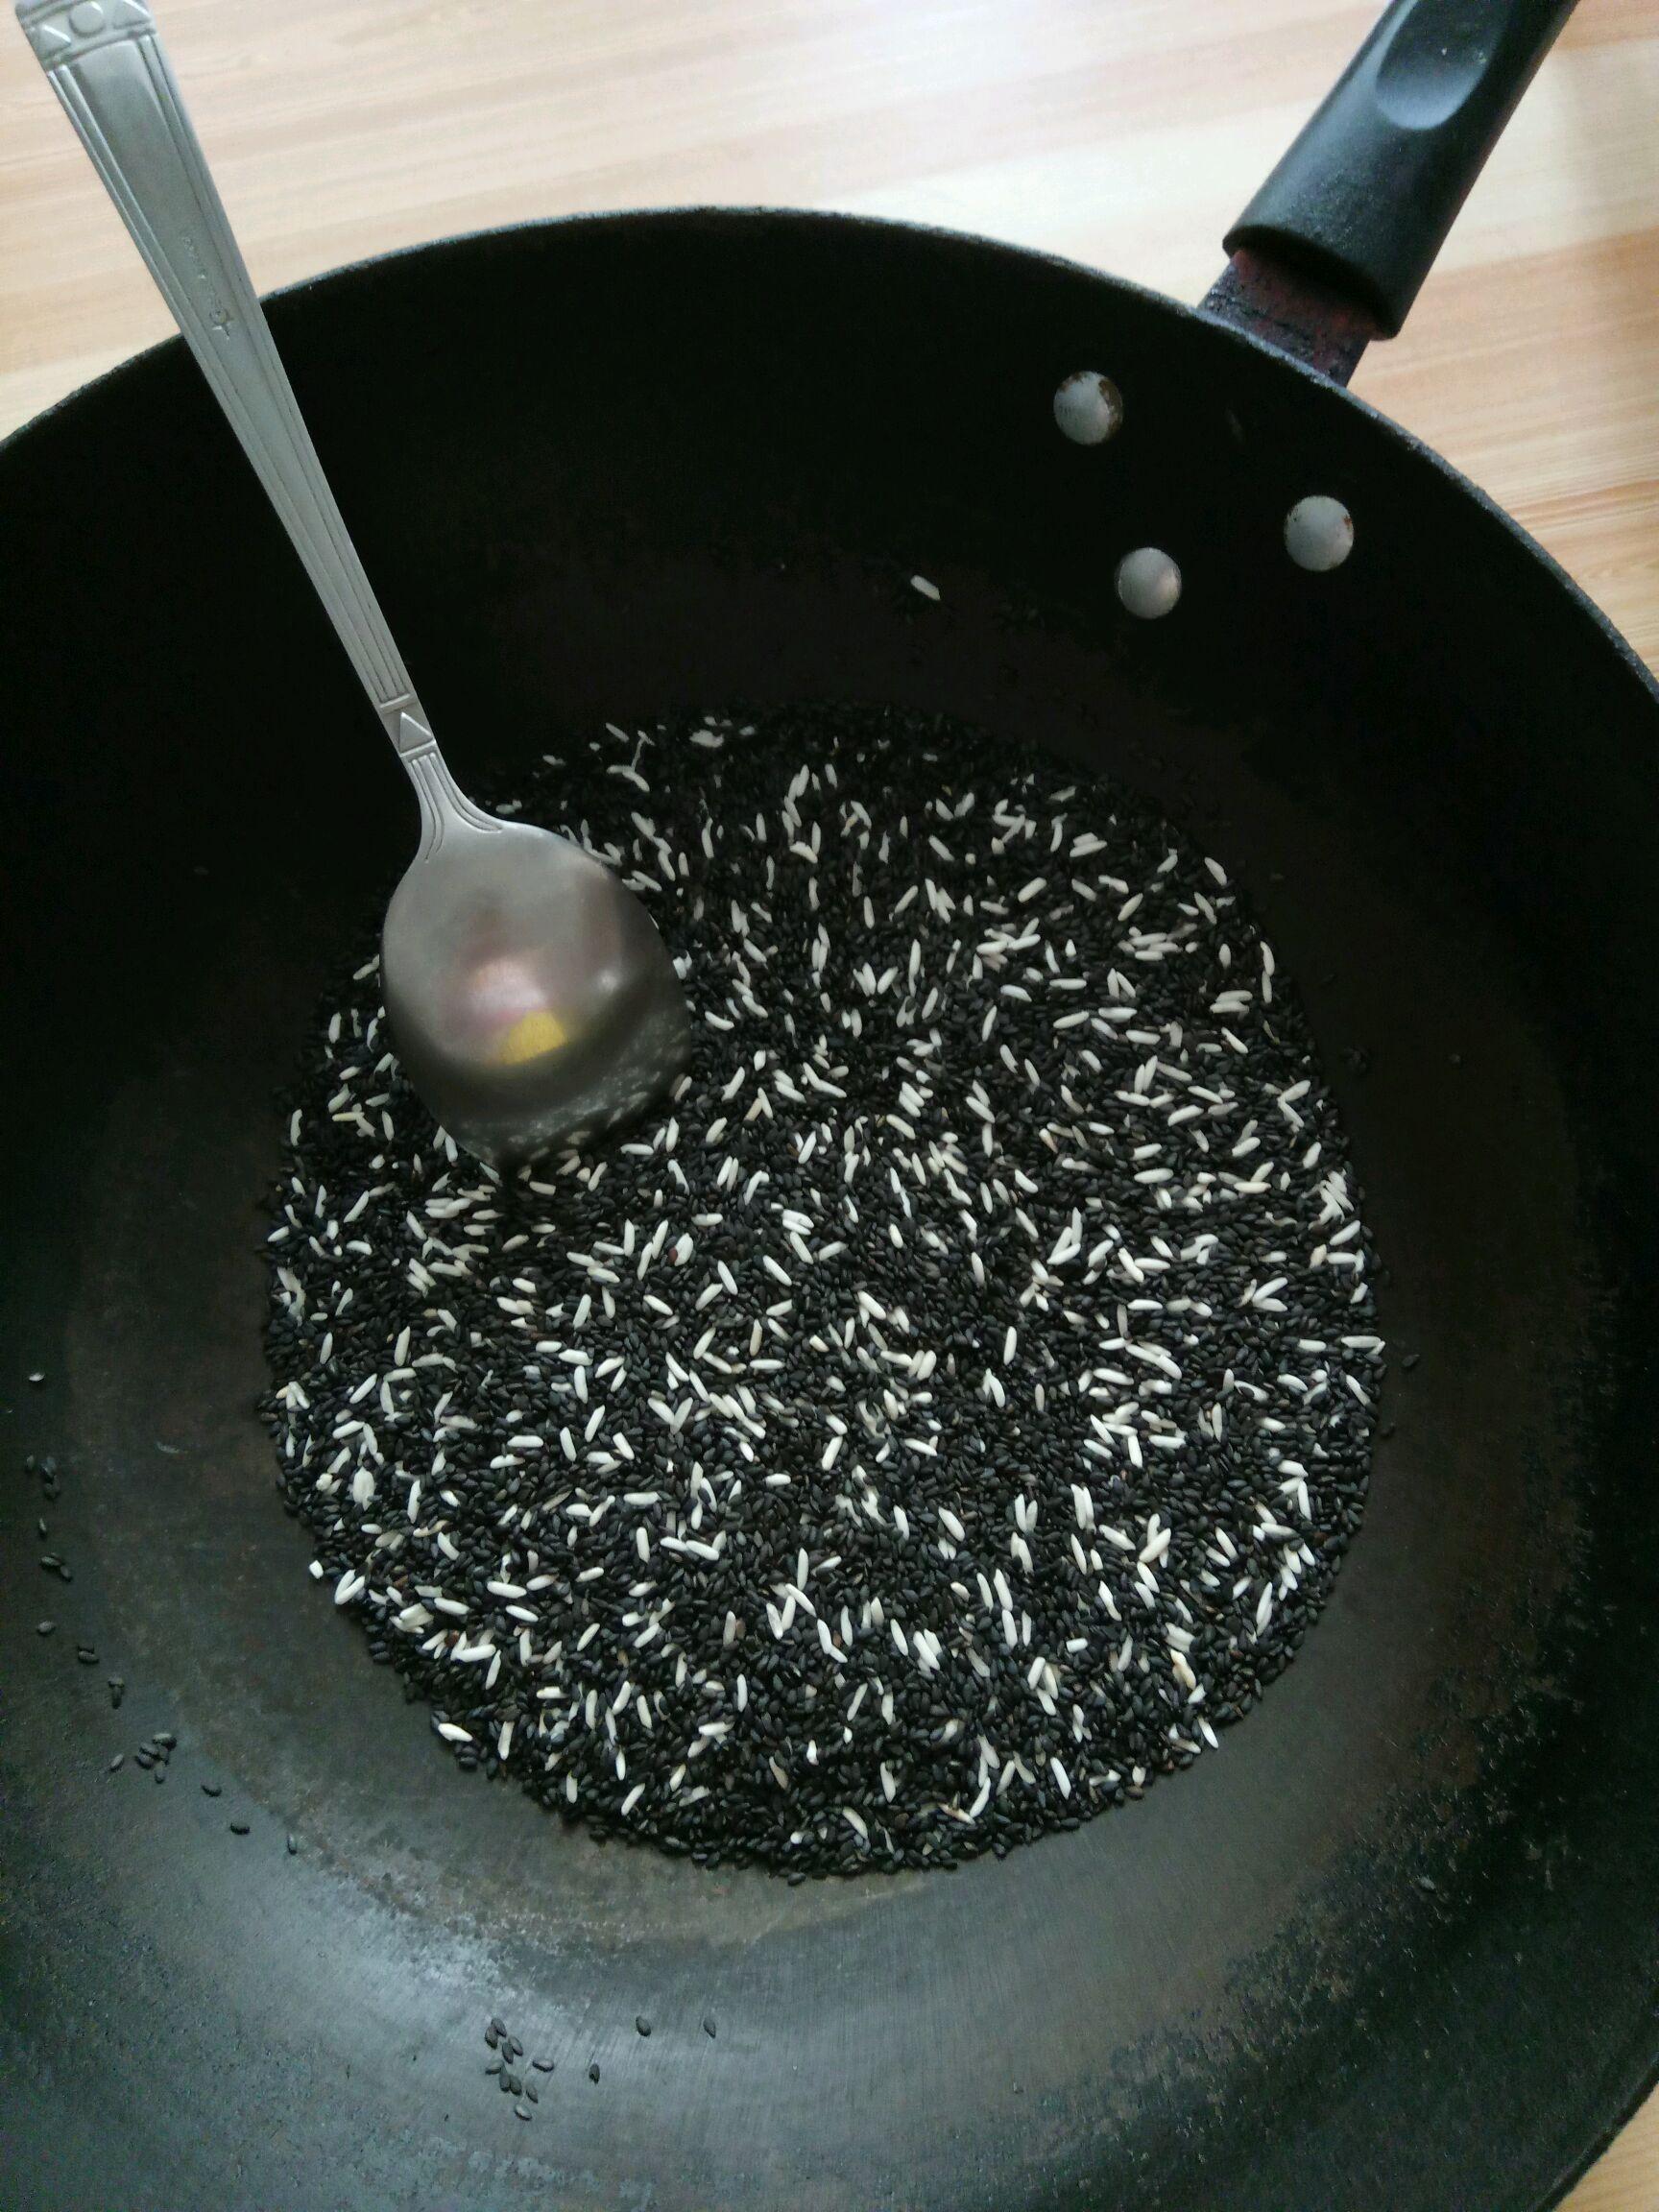 芝麻糊#料理棒勐海优势香米图片